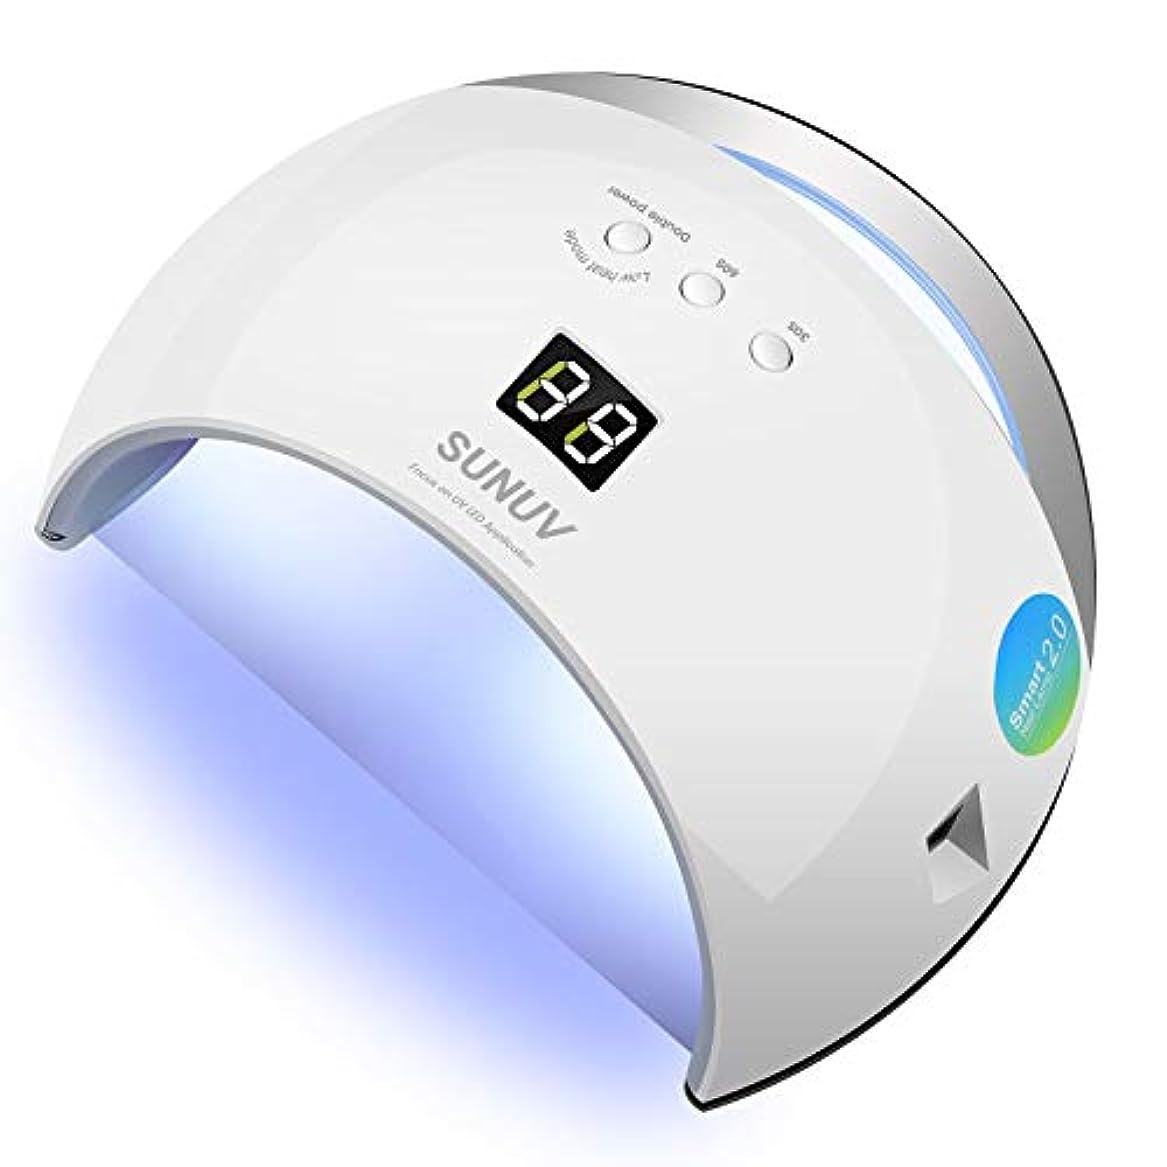 ストラトフォードオンエイボン開拓者アライメントNaturalTrend ジェルネイル uv ledライト 最新48W 話題の低ヒートモード搭載 人感センサー (新48W, ライトホワイト)